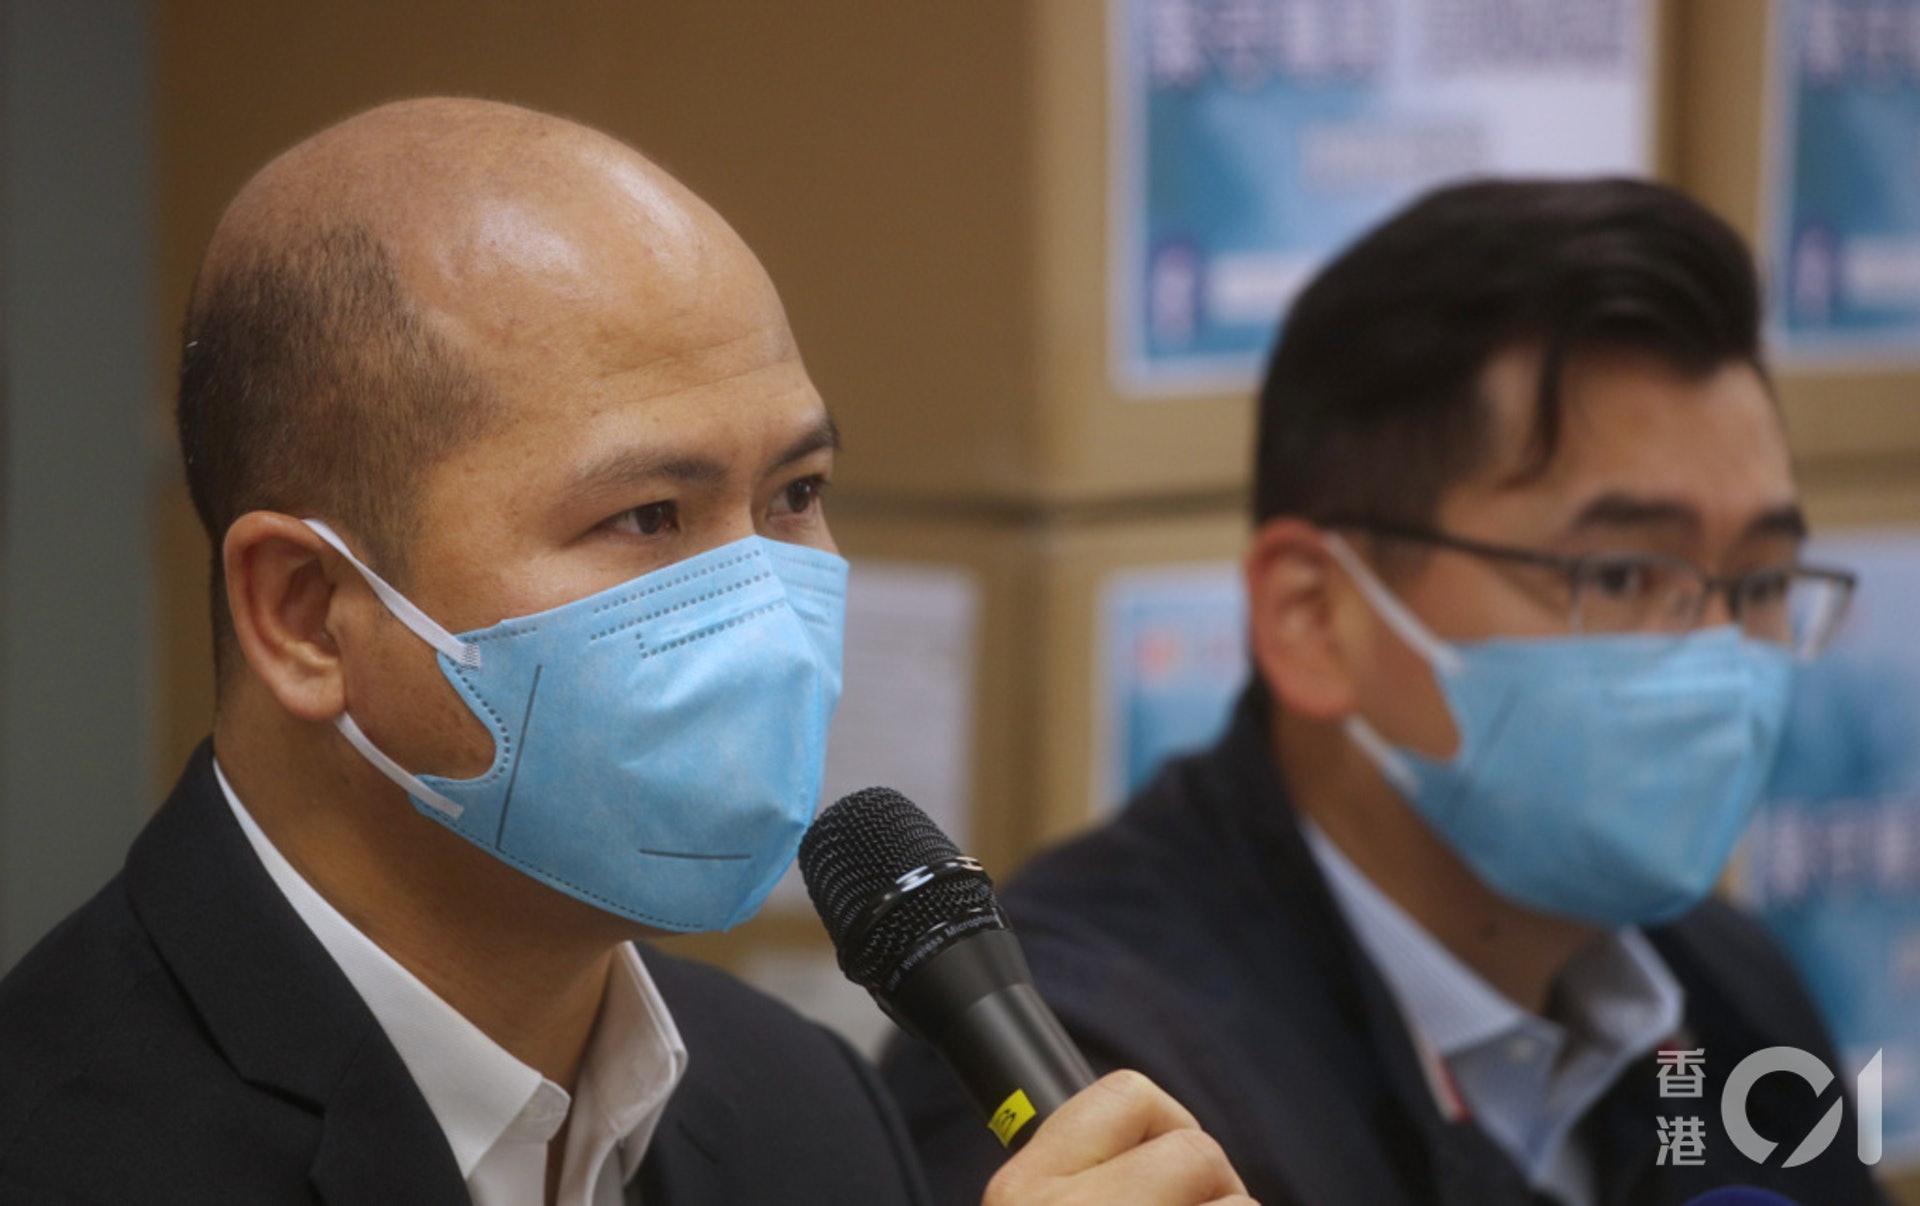 教聯會主席黃錦良表示,不猜測及評論兩考評局職員辭職的理由,但認為事件反映言論自由非無邊界。(資料圖片/余俊亮攝)